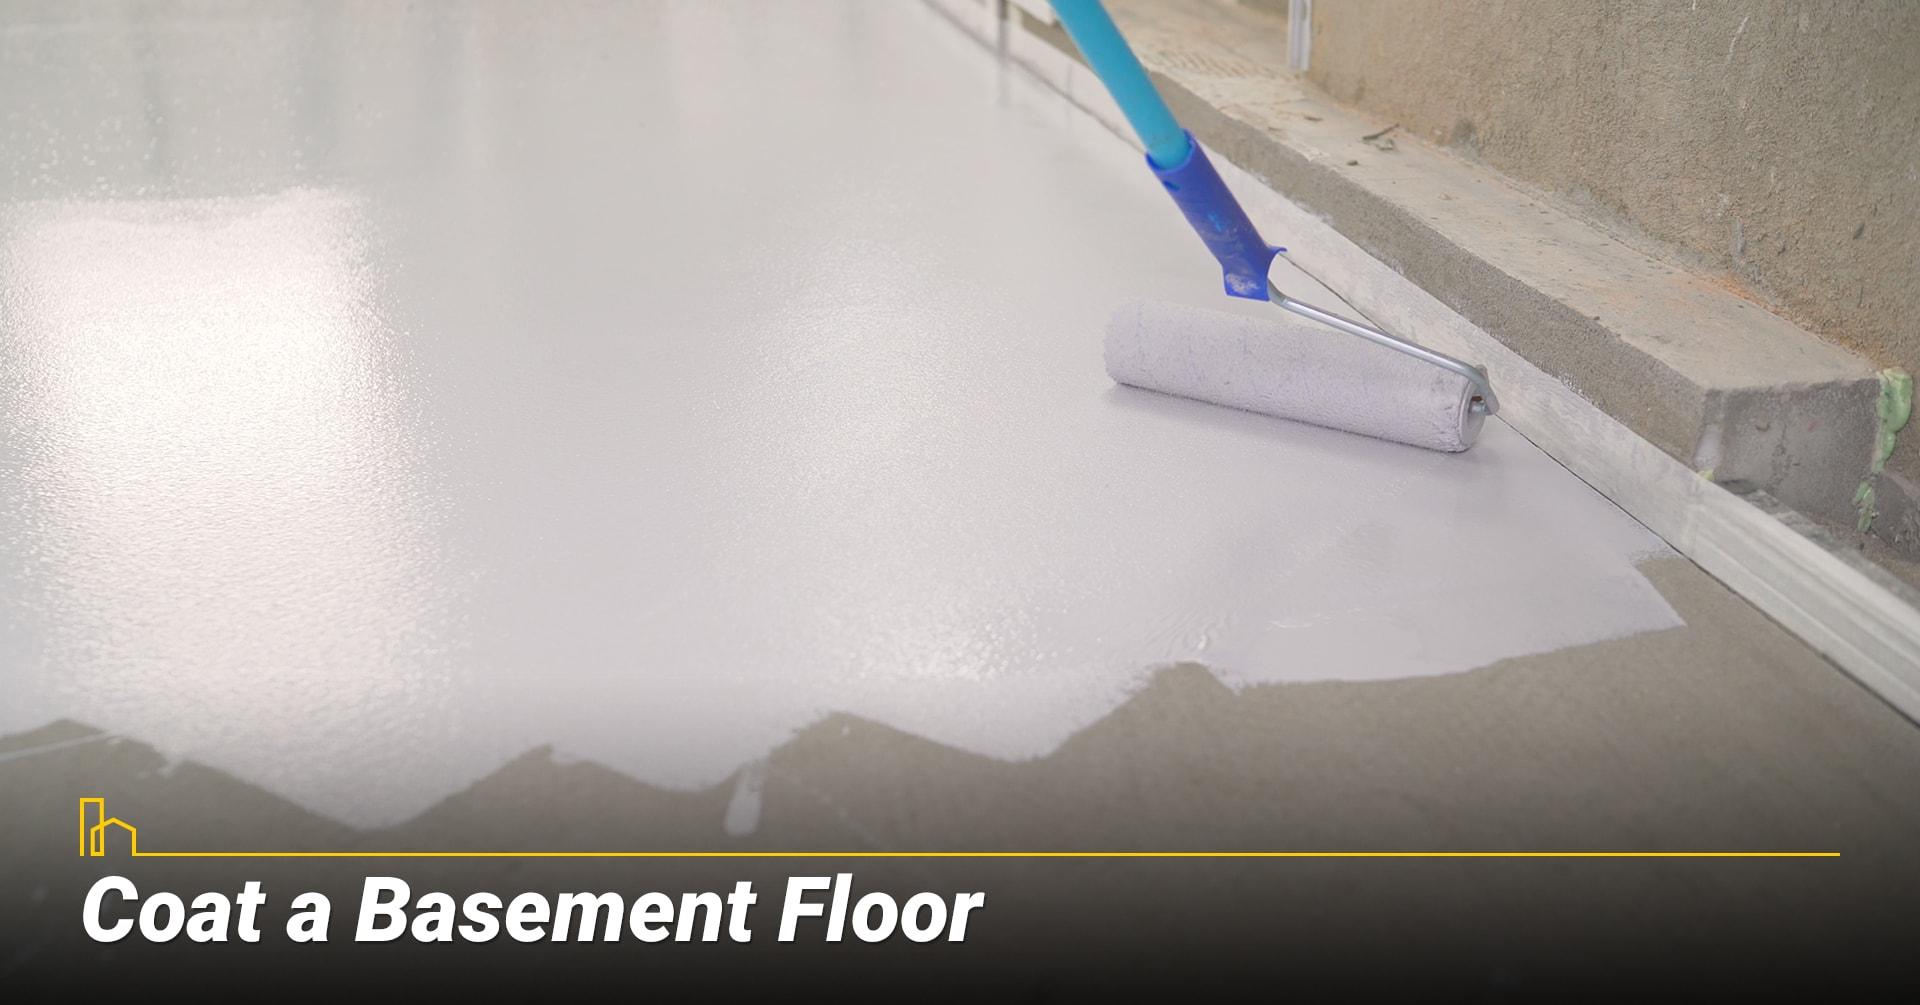 Coat a Basement Floor, a new coat of paint